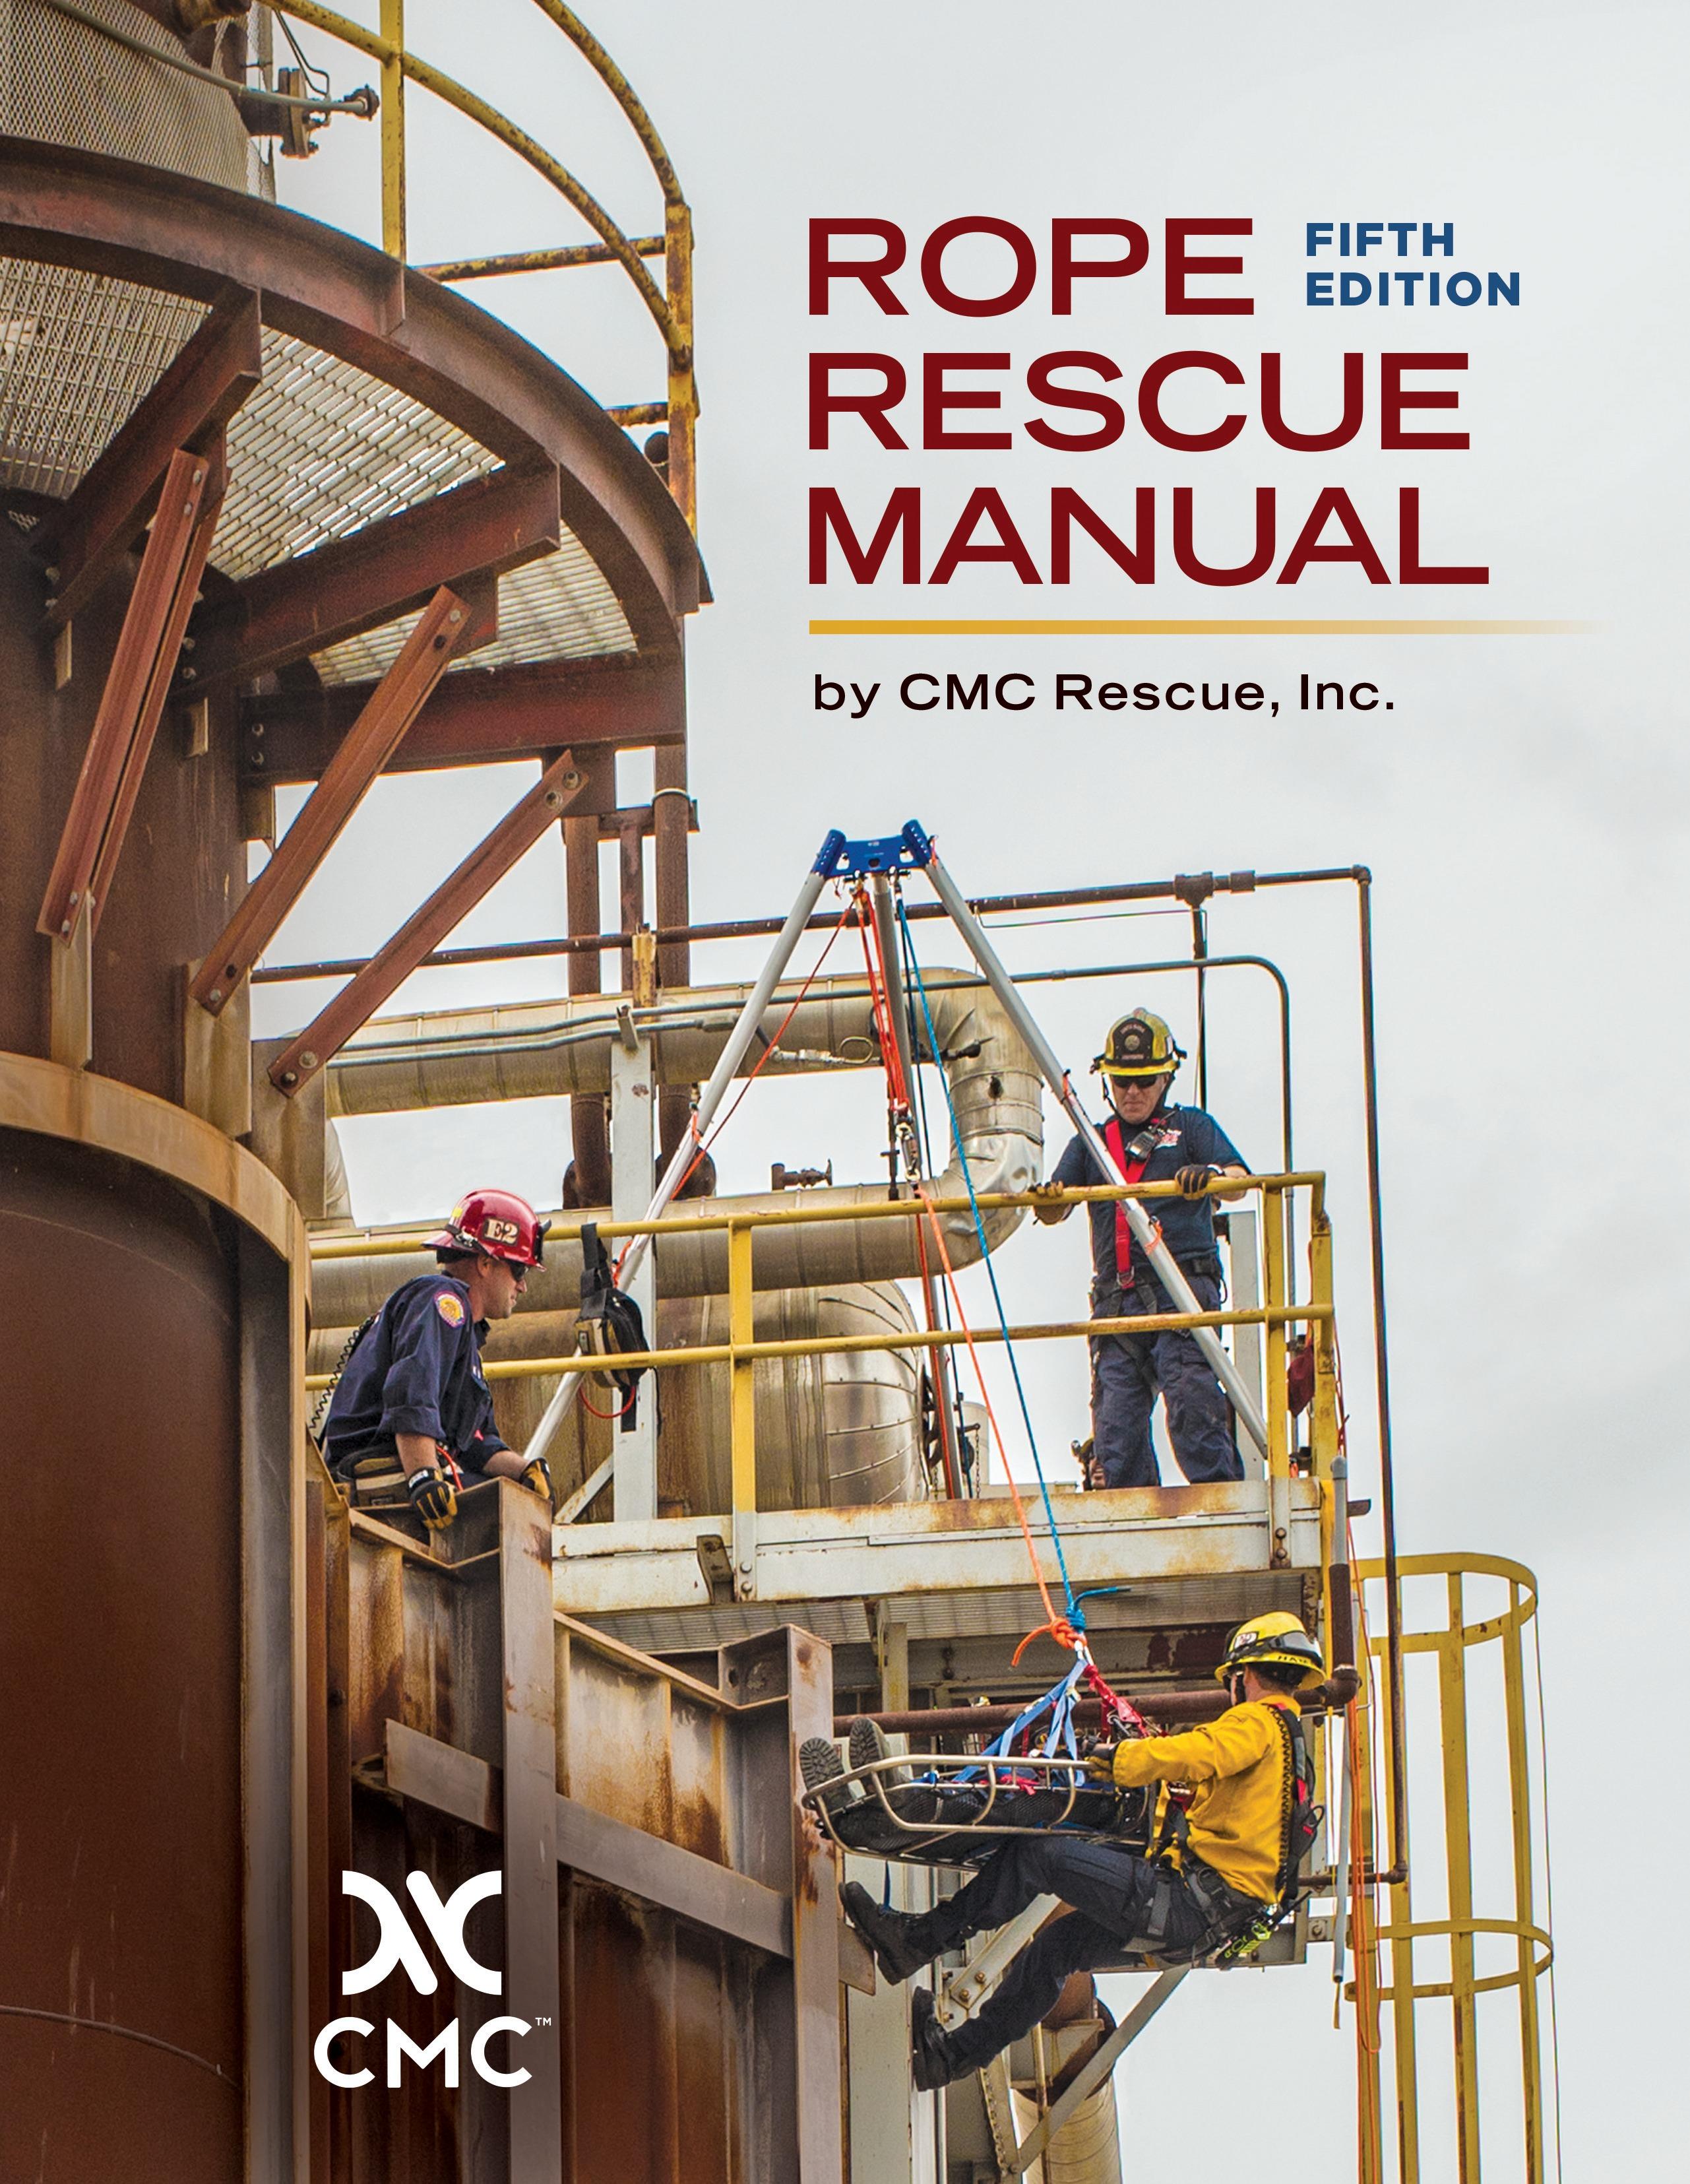 Search & Rescue (SAR) | Search and Rescue Search & Rescue (SAR